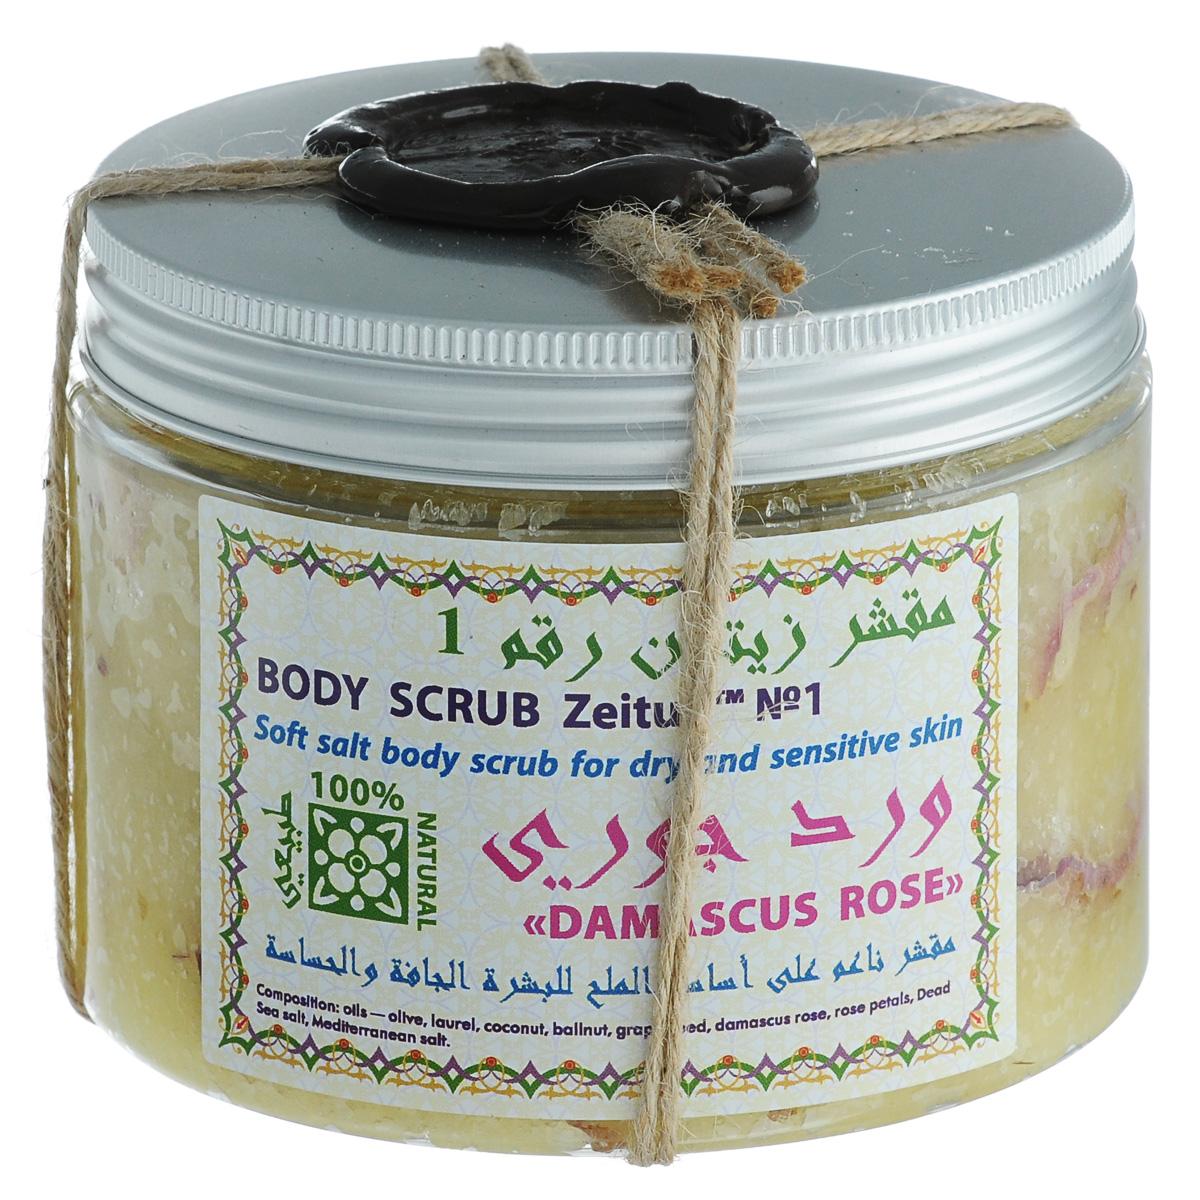 Зейтун Скраб для тела №1 солевой Дамасская роза, 500 млZ2001Мягко и эффективно отшелушивает отмерший эпителий, раскрывает поры, смягчает ороговевшую кожу. Благодаря натуральным маслам и солям масляный скраб для сухой кожи насыщает кожу необходимыми витаминами и минералами. Не сушит и не стягивает кожу, а, наоборот, увлажняет и смягчает её, оставляя на теле нежный аромат дамасской розы.